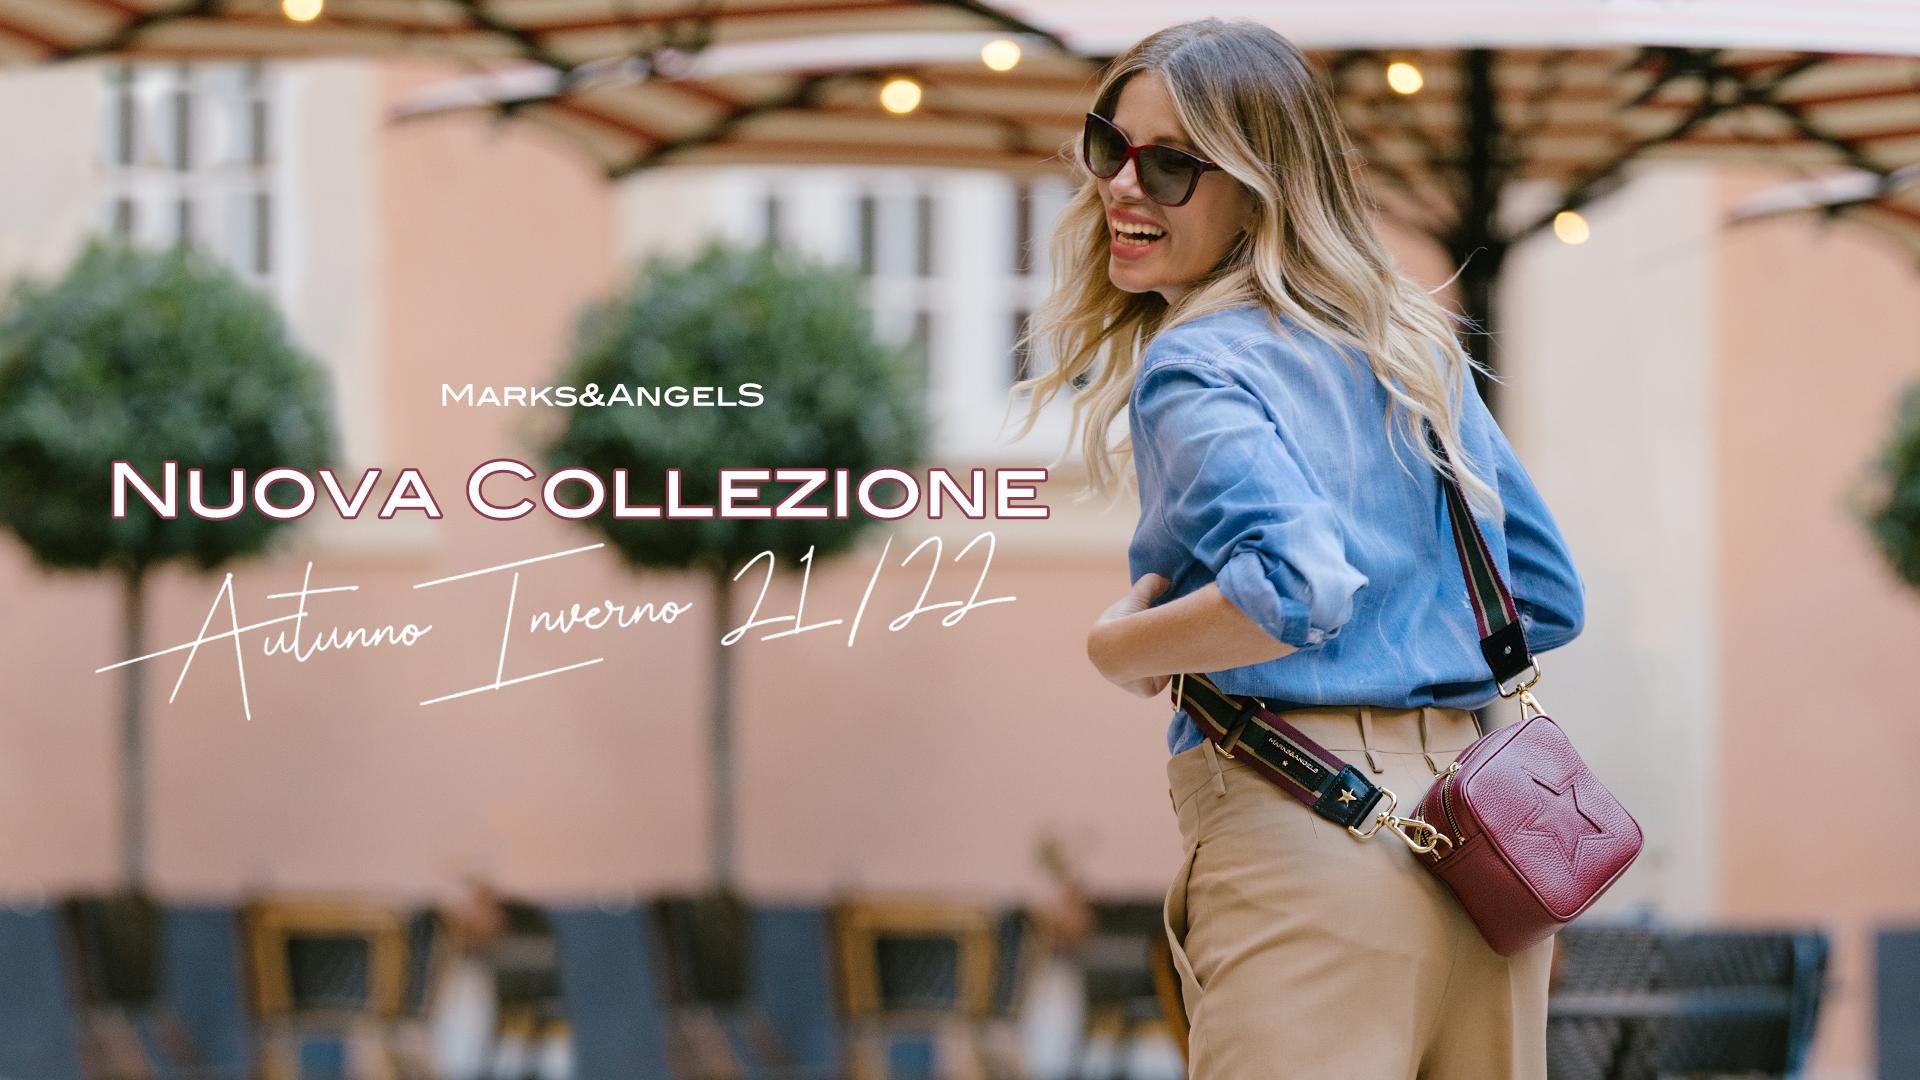 3-alessia-marcuzzi-marks-and-angels-collezione-autunno-inverno-21-22